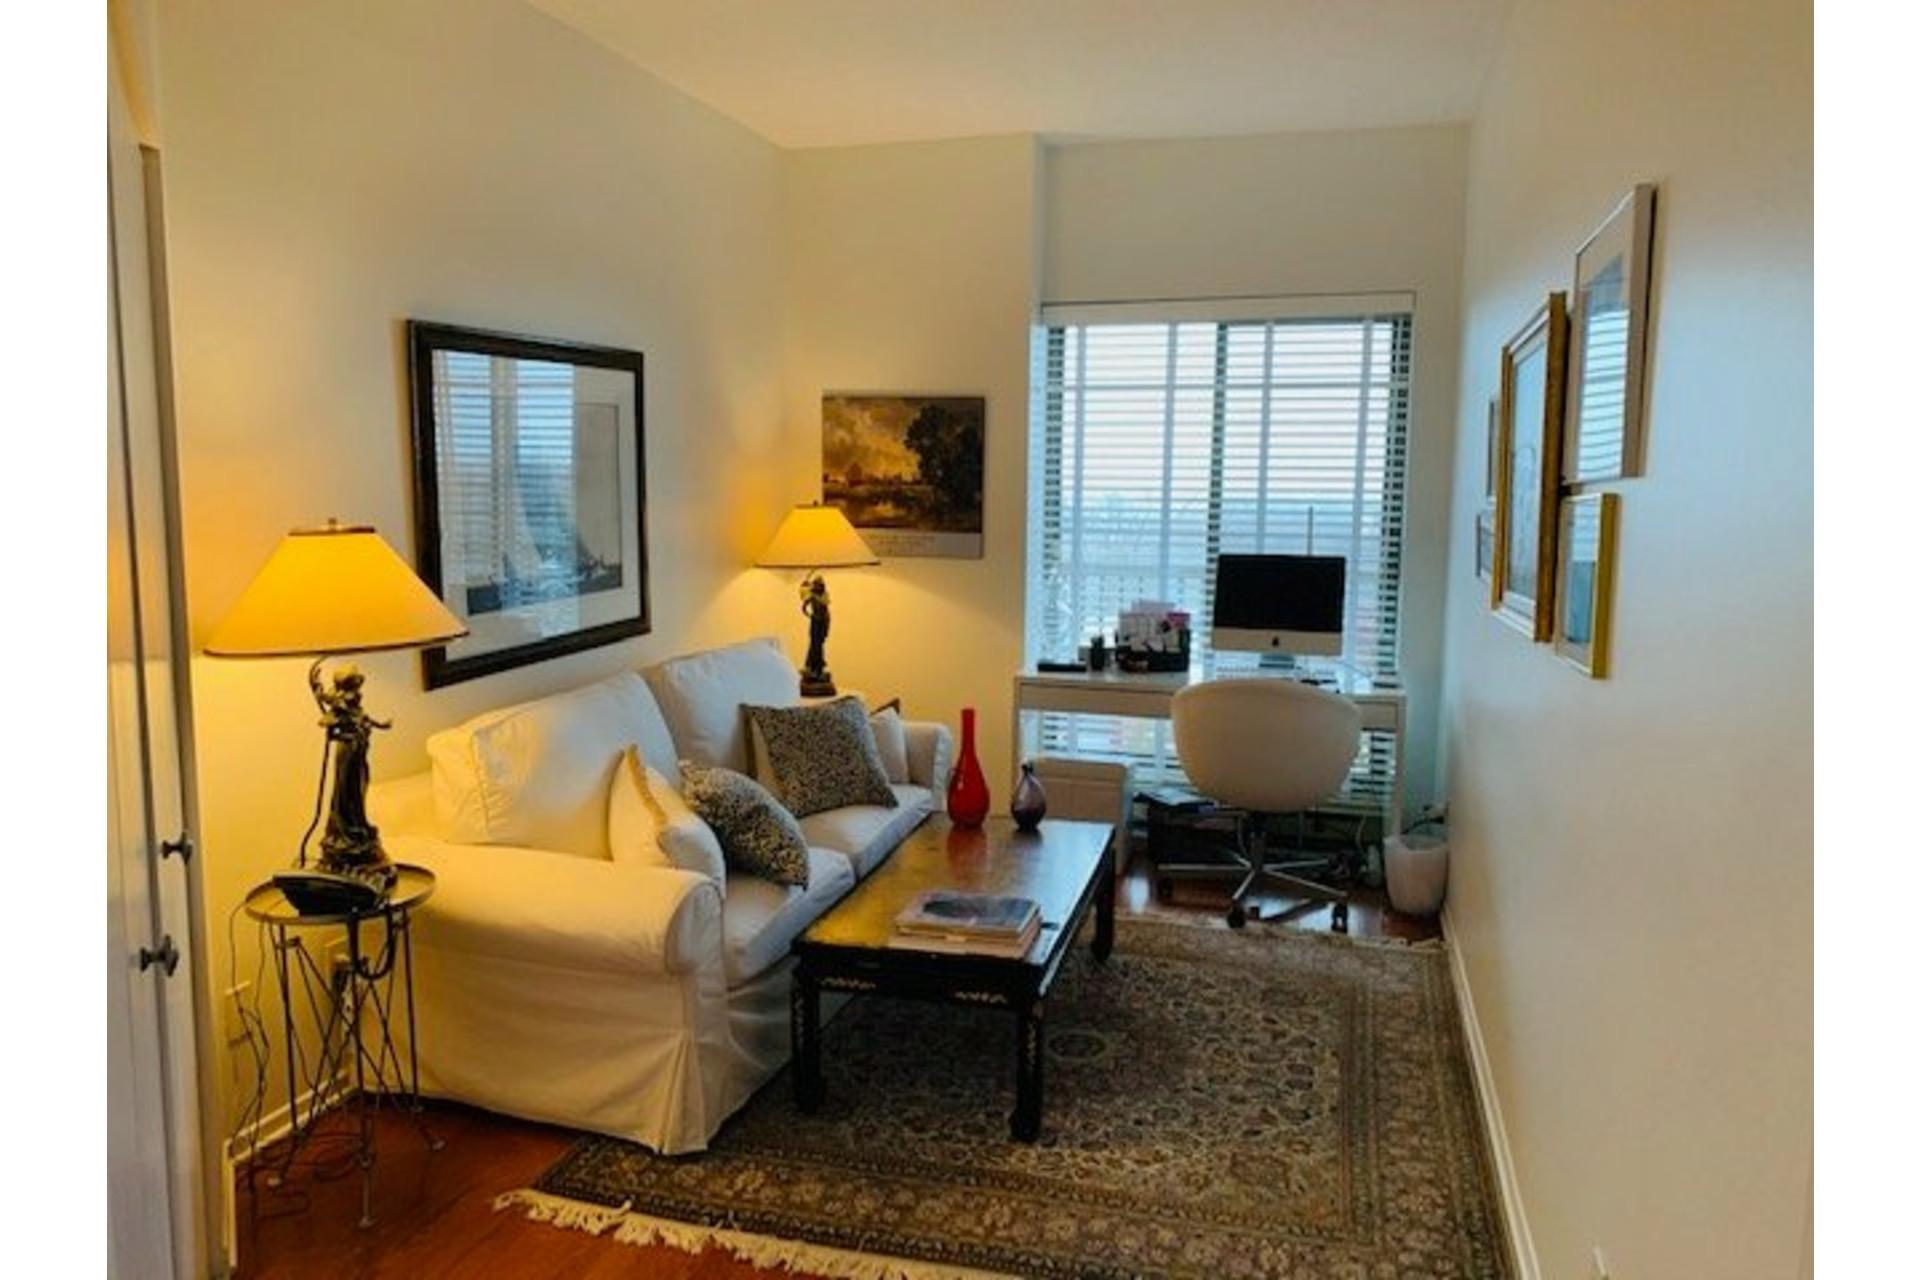 image 22 - Apartment For sale Côte-des-Neiges/Notre-Dame-de-Grâce Montréal  - 5 rooms